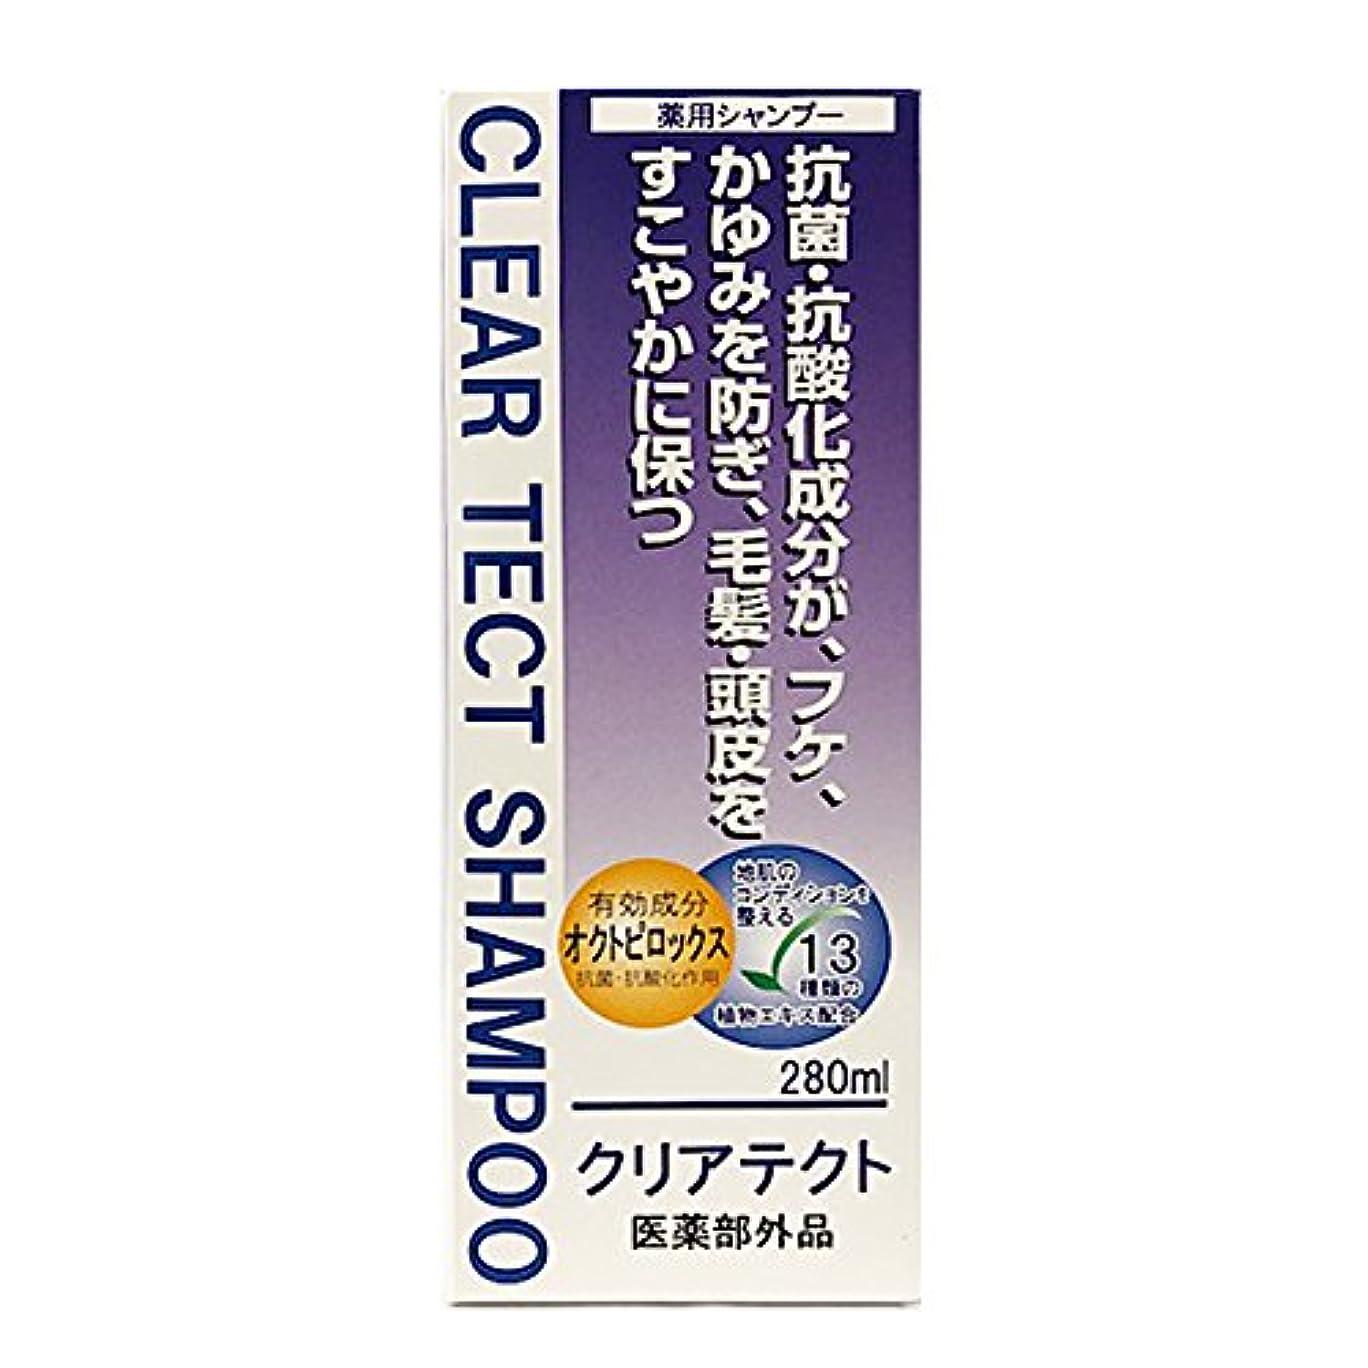 復活するカーフ可能にする【医薬部外品】クリアテクト薬用シャンプーa 280ml